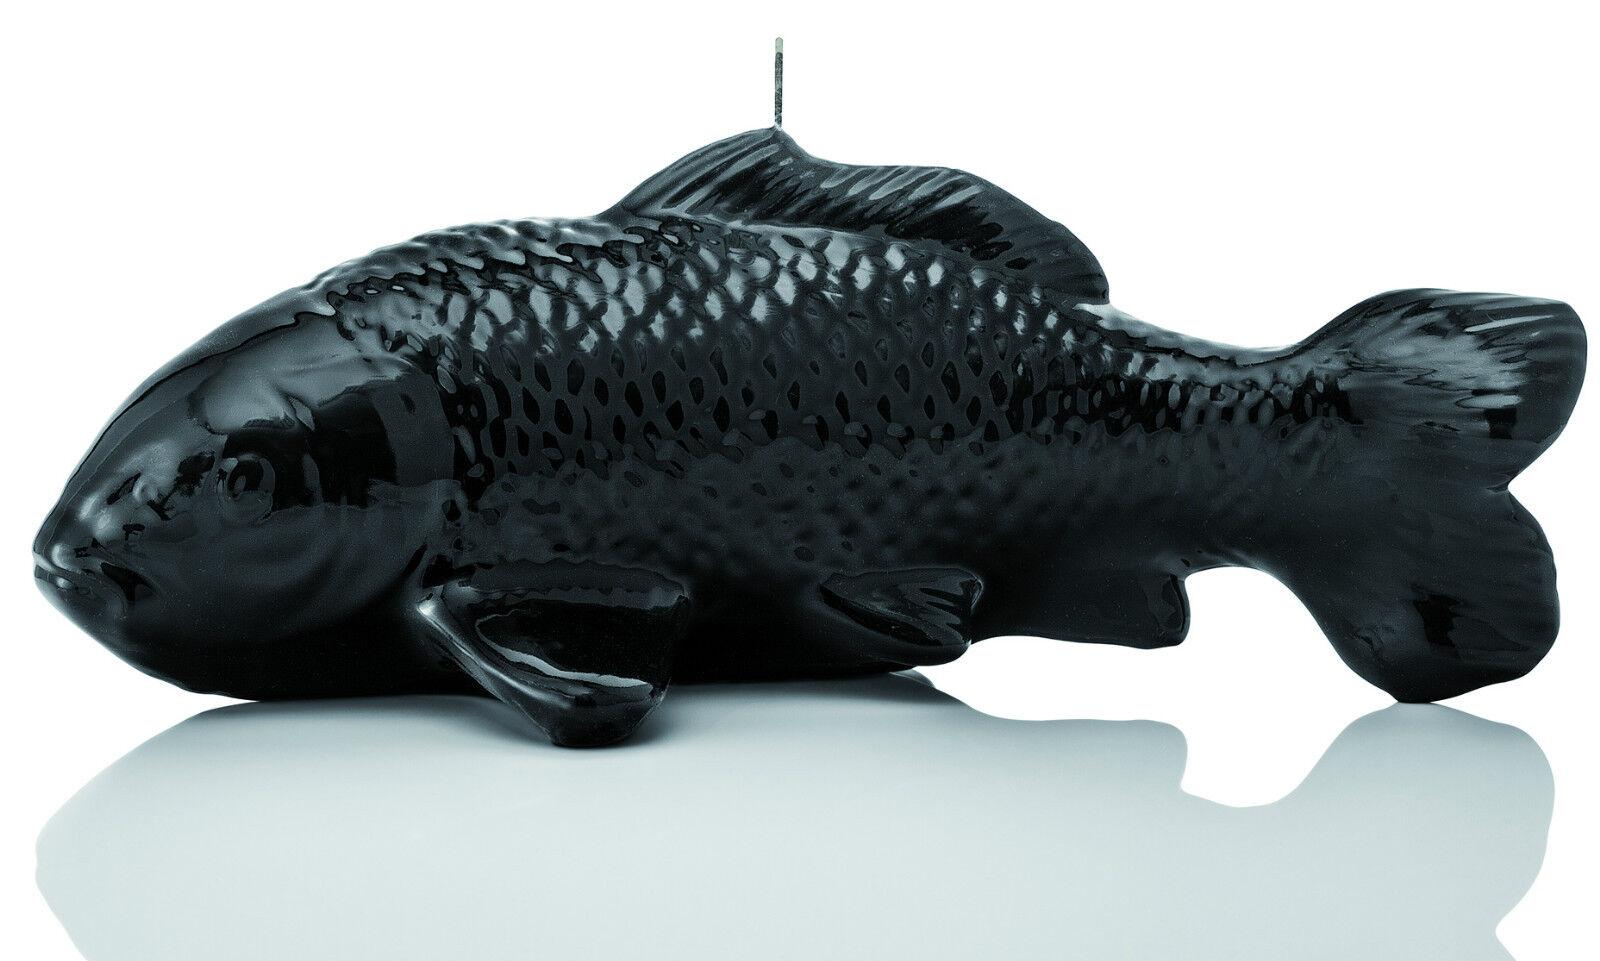 Luxus Design Kerze Koi 32cm Länge Schwarz Handarbeit Kerzen Wiedemann Neuheit | Der neueste Stil